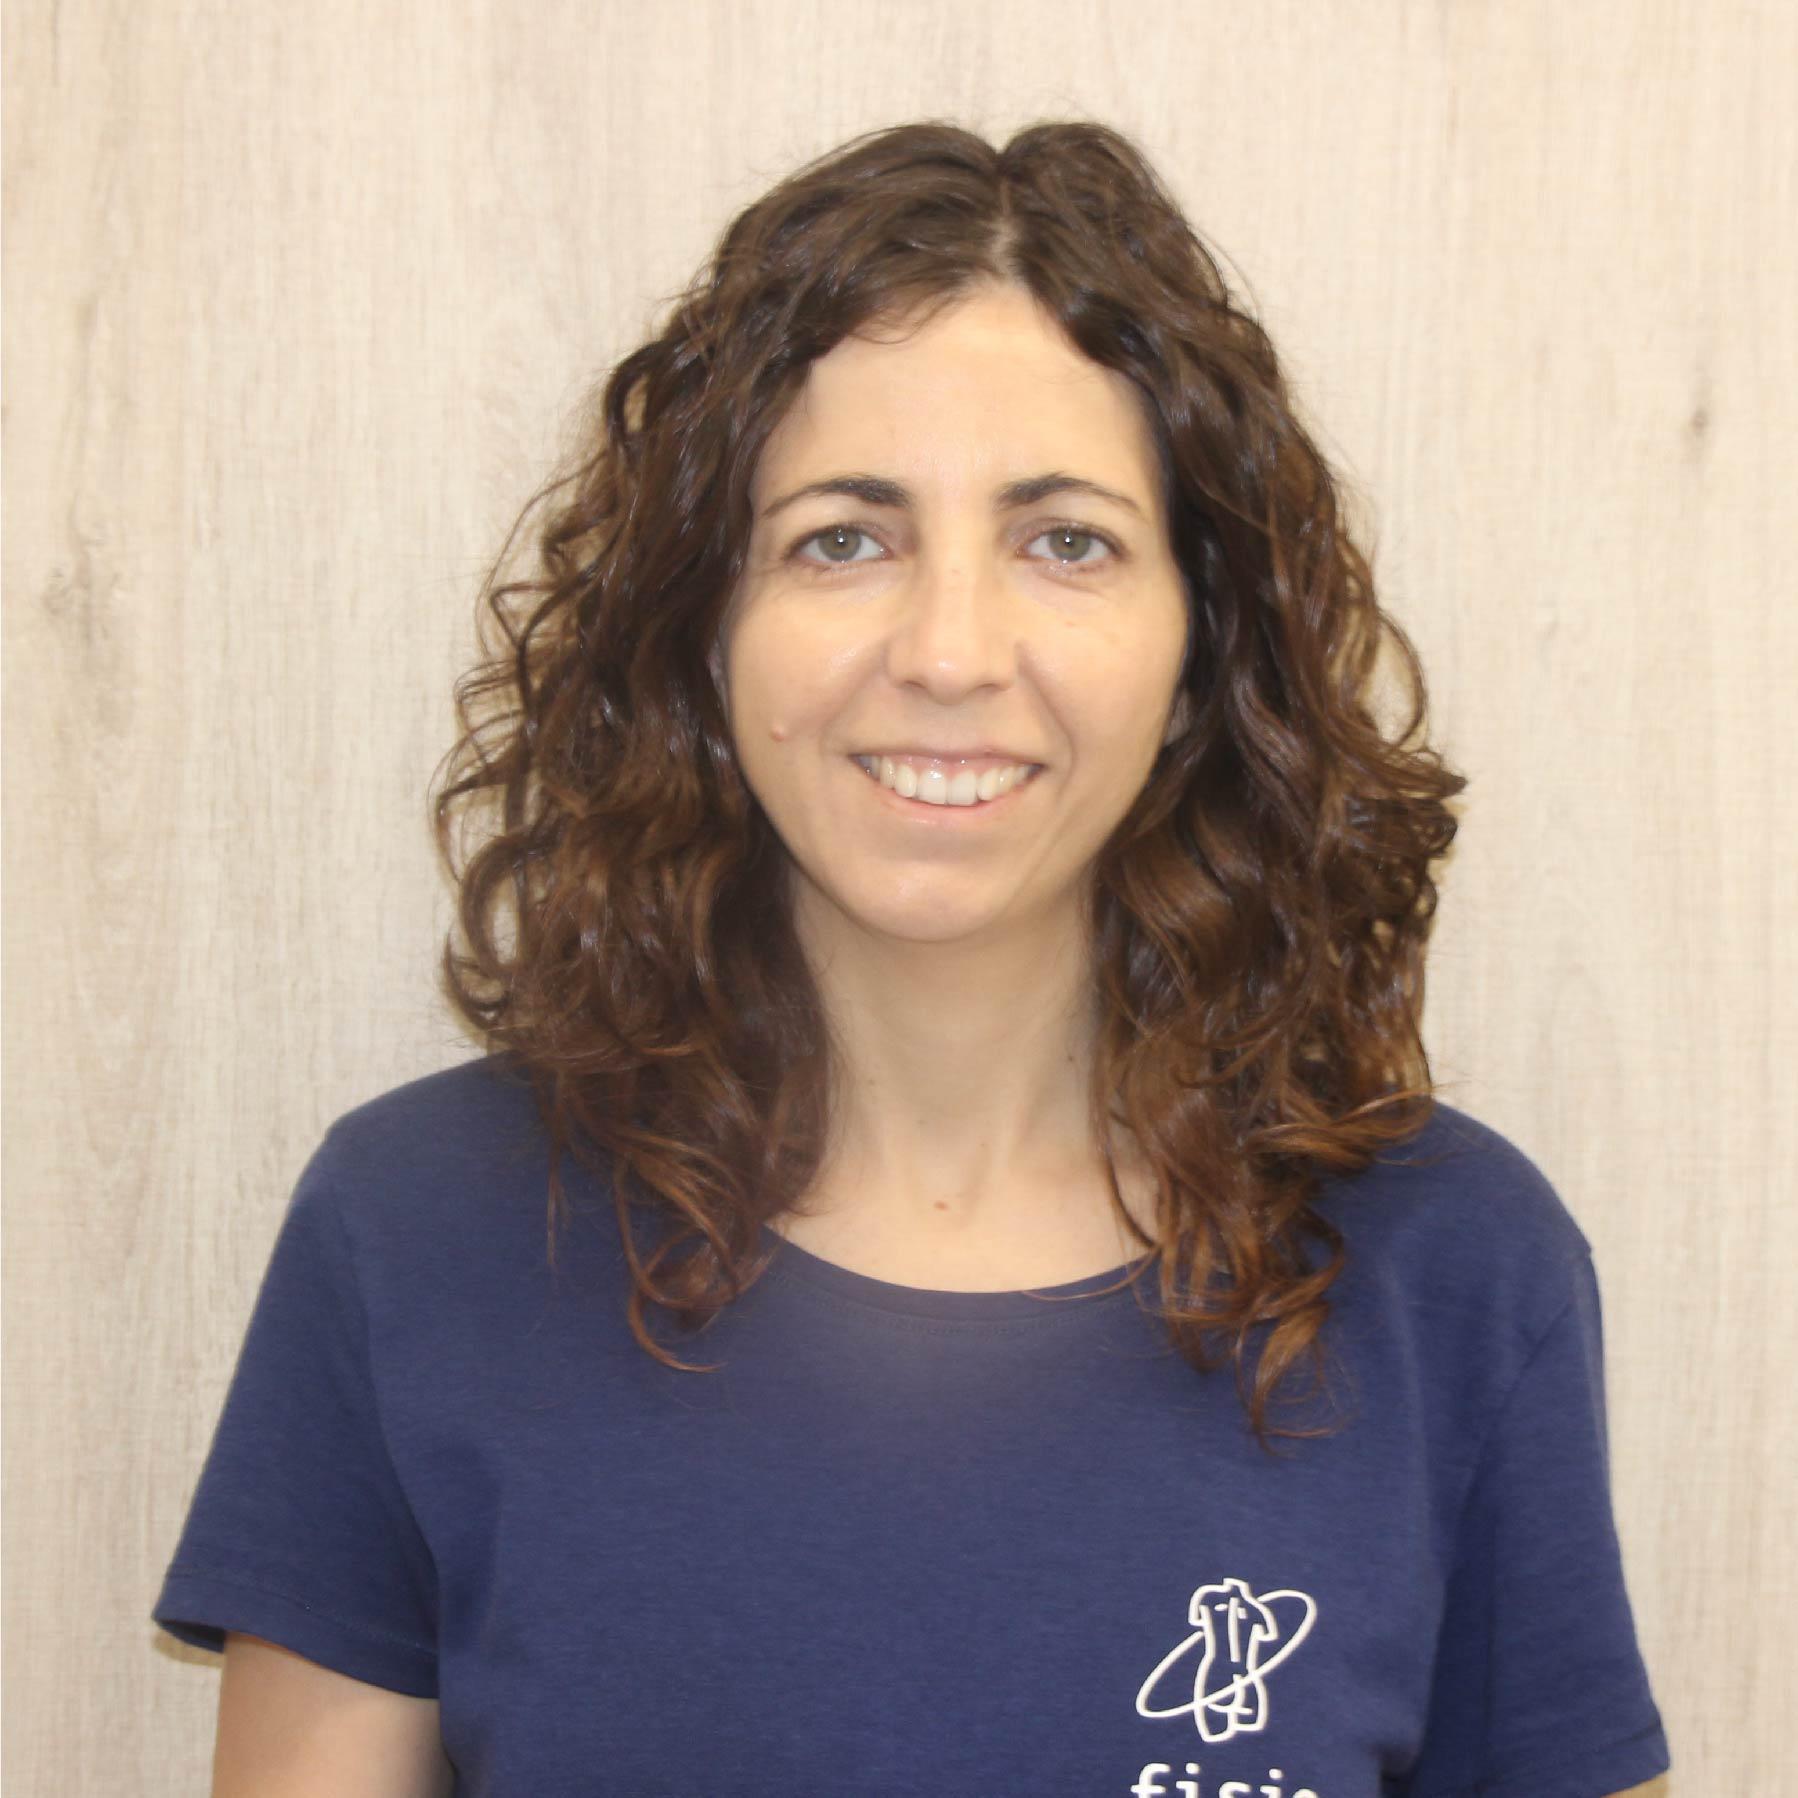 Lourdes Pinsach Coma